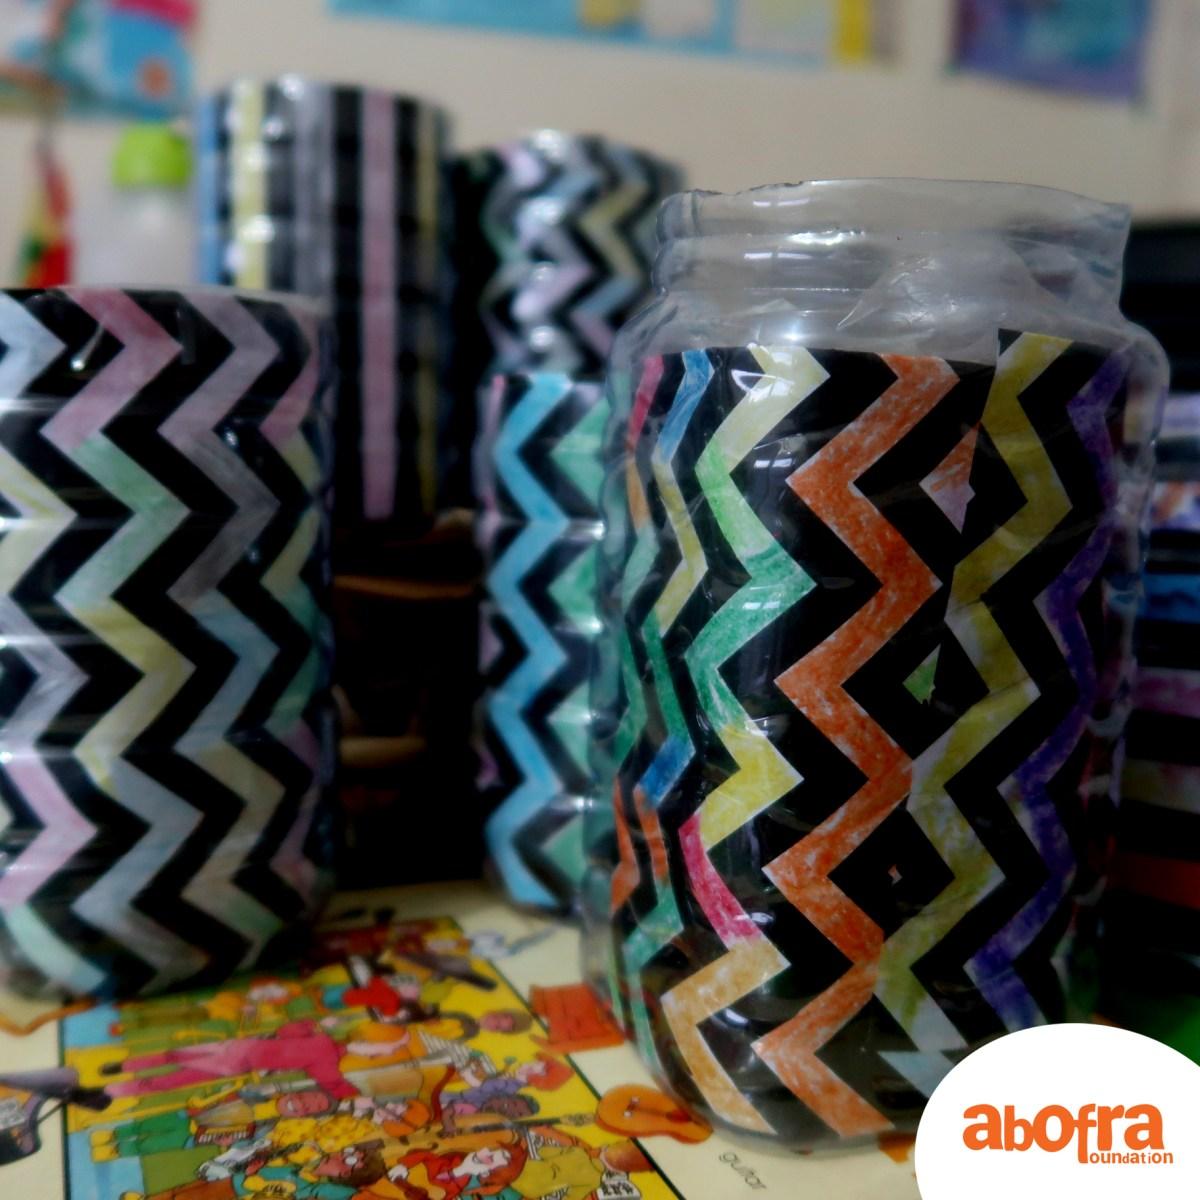 abofra-art